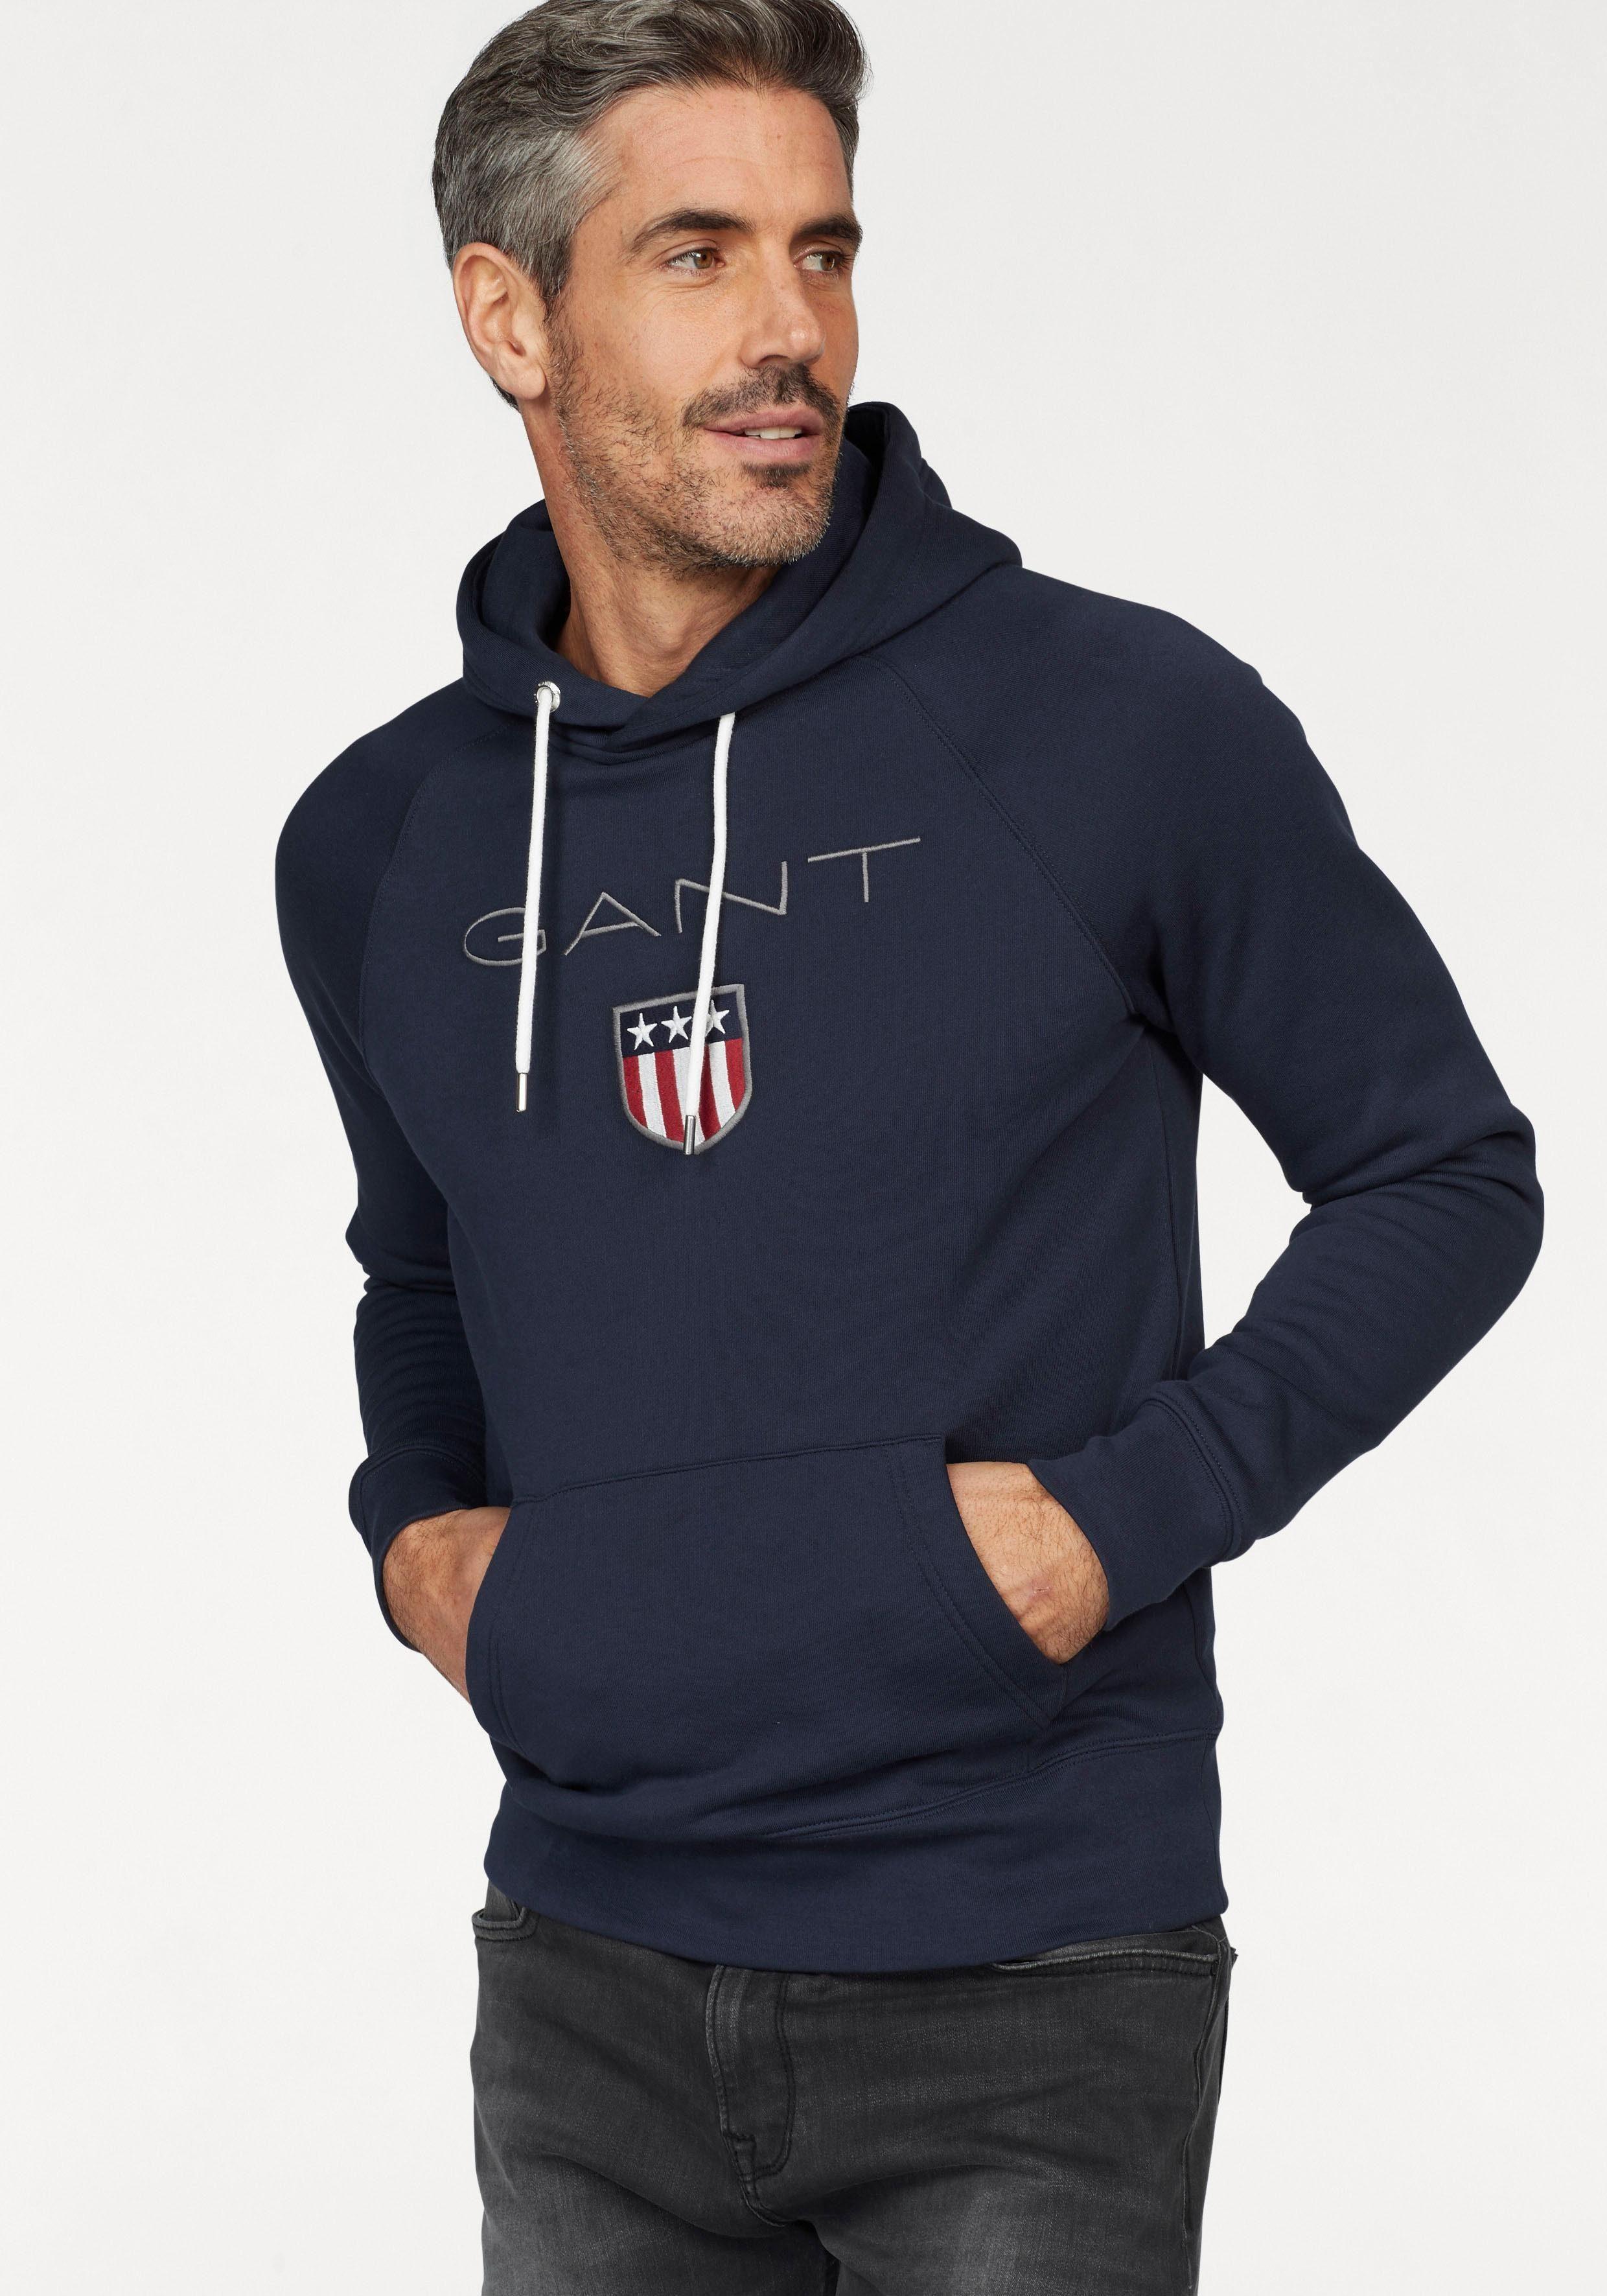 Gant Kapuzensweatshirt »Shield Sweat Hoodie« plakative GANT Stickerei online kaufen | OTTO